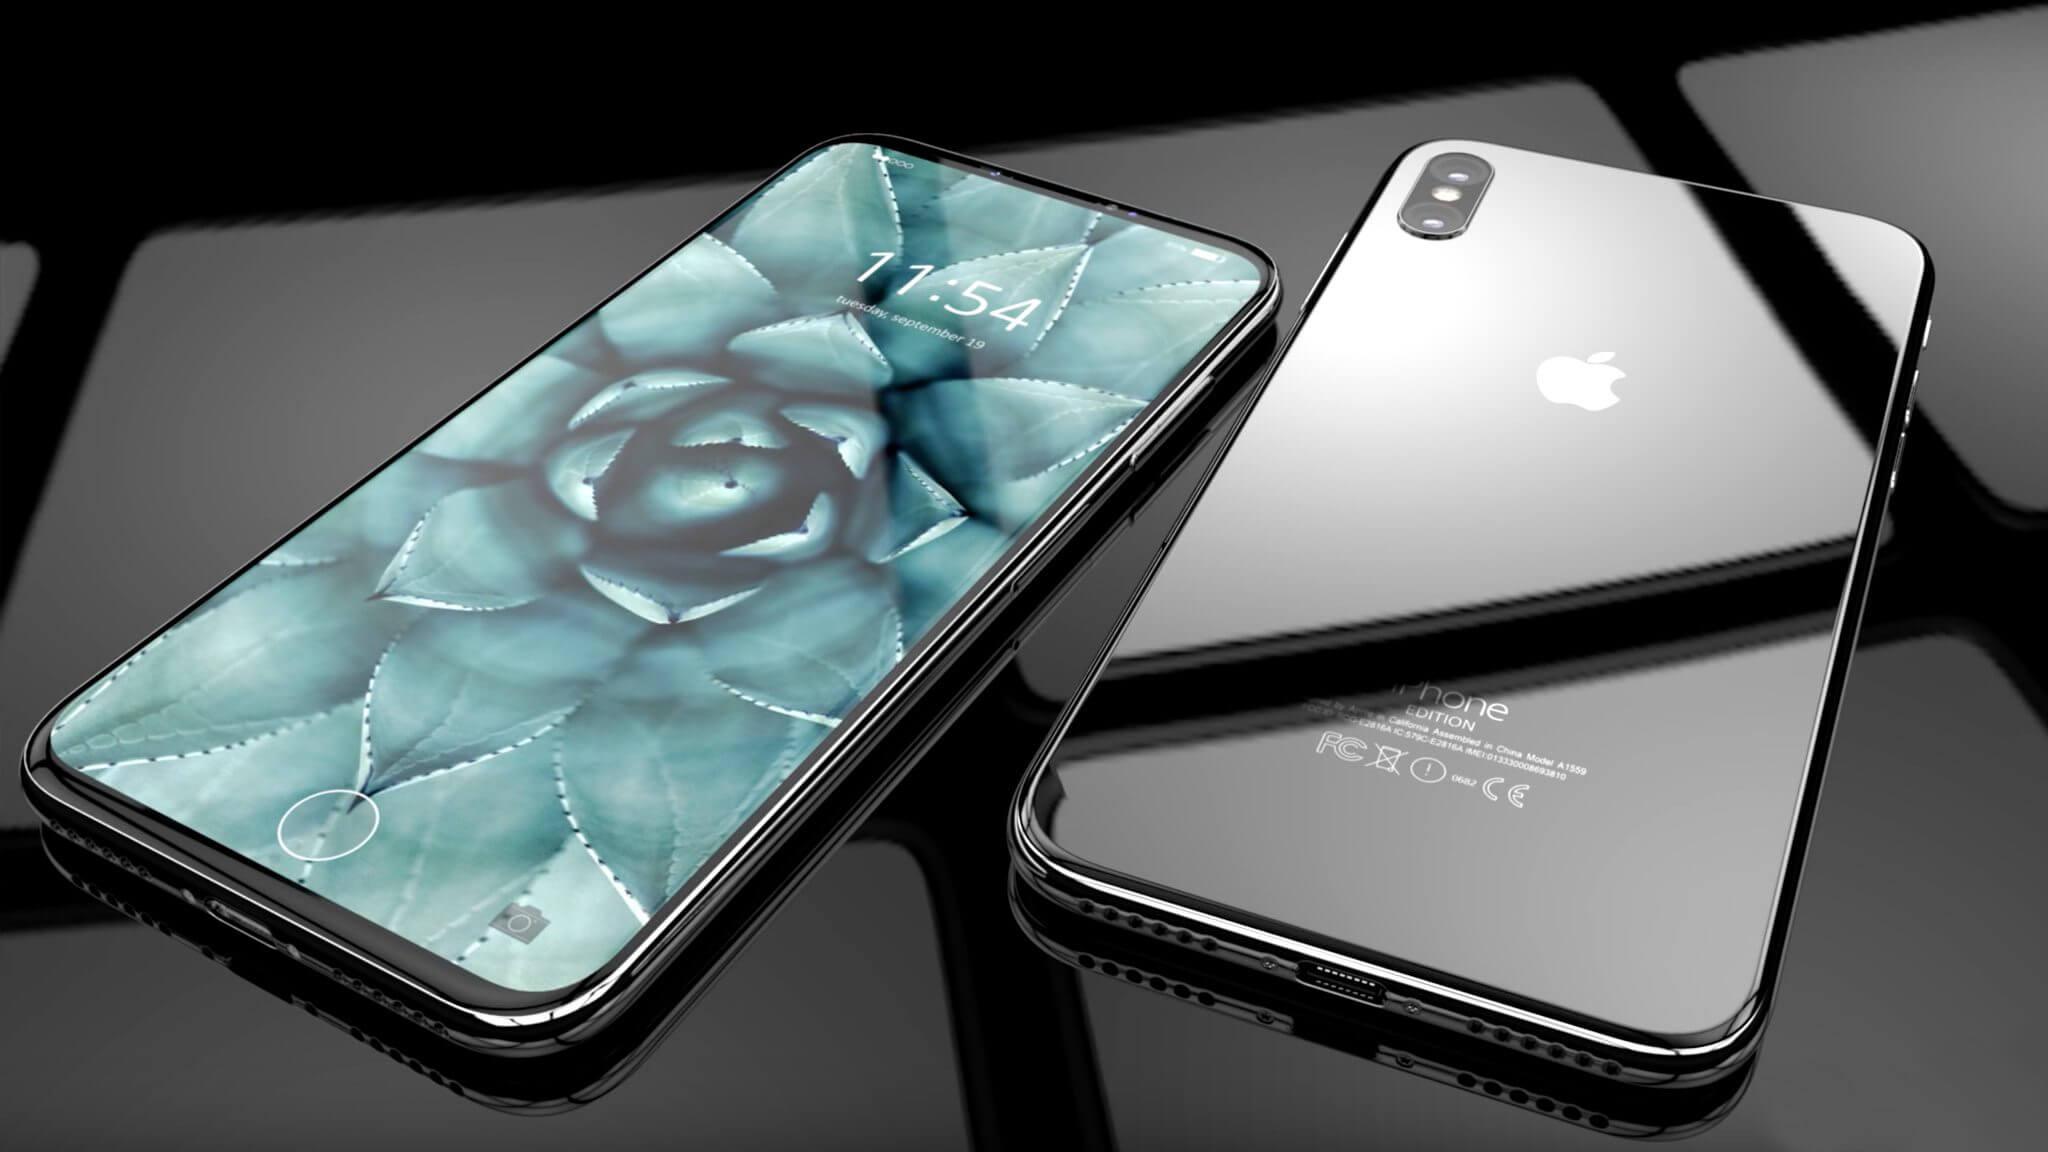 iphone8 1 - Saiba quanto podem custar os novos iPhone 8, 8 Plus e X